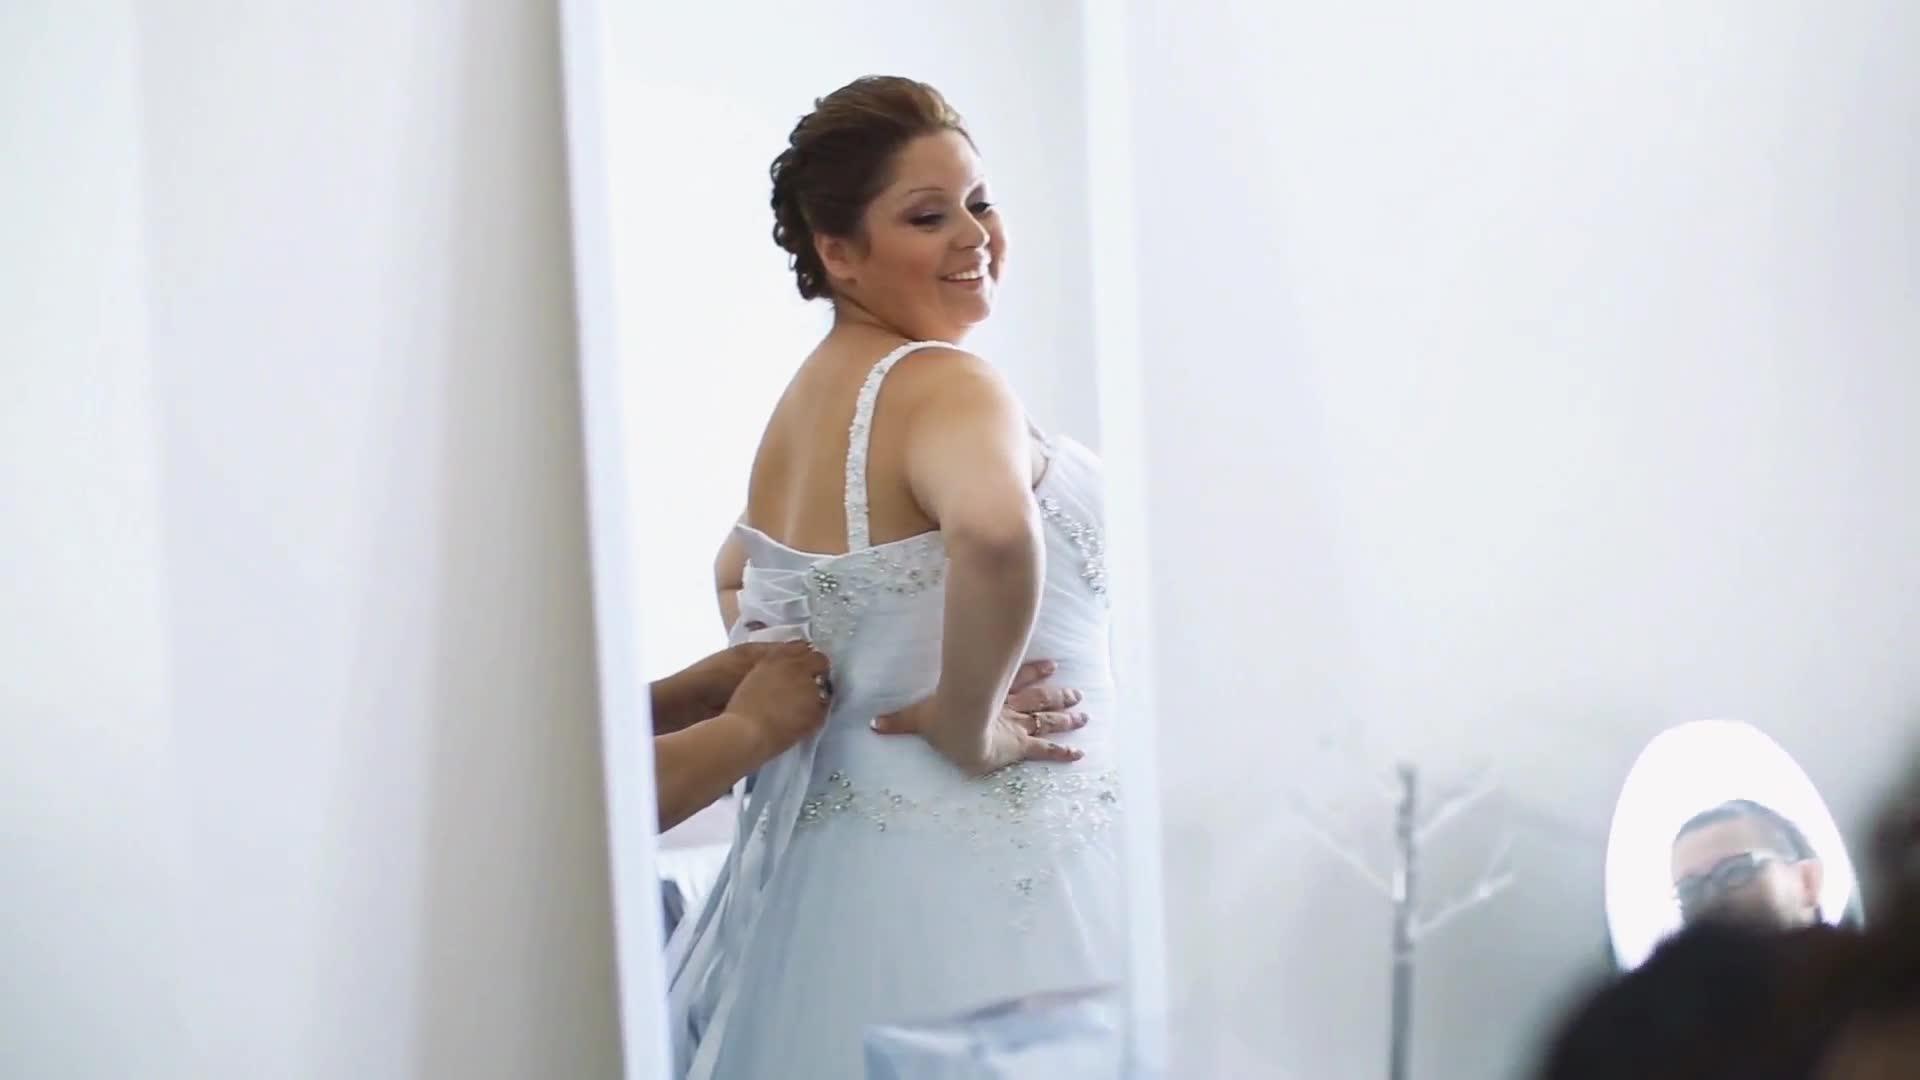 Joshua Prince Photographe - Photographes de mariages et de portraits - 438-538-8389